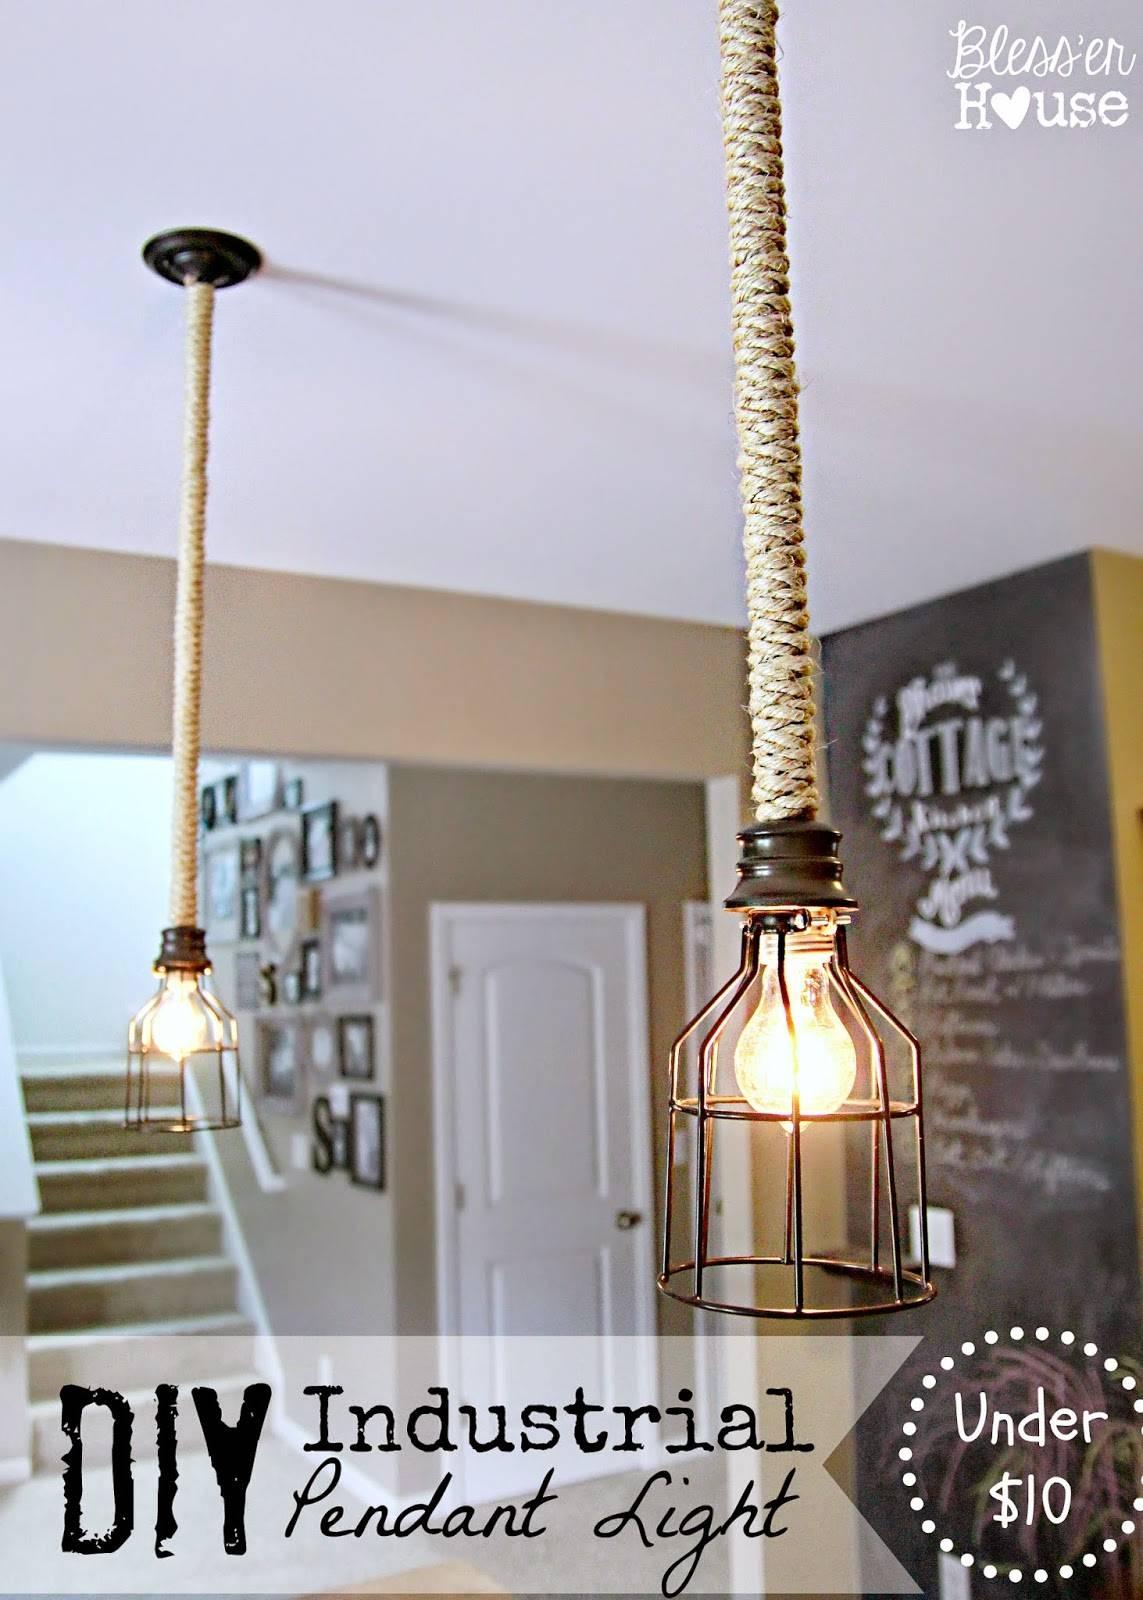 Diy Mason Jar Vanity Light - Bless'er House intended for Fancy Rope Pendant Lights (Image 5 of 15)